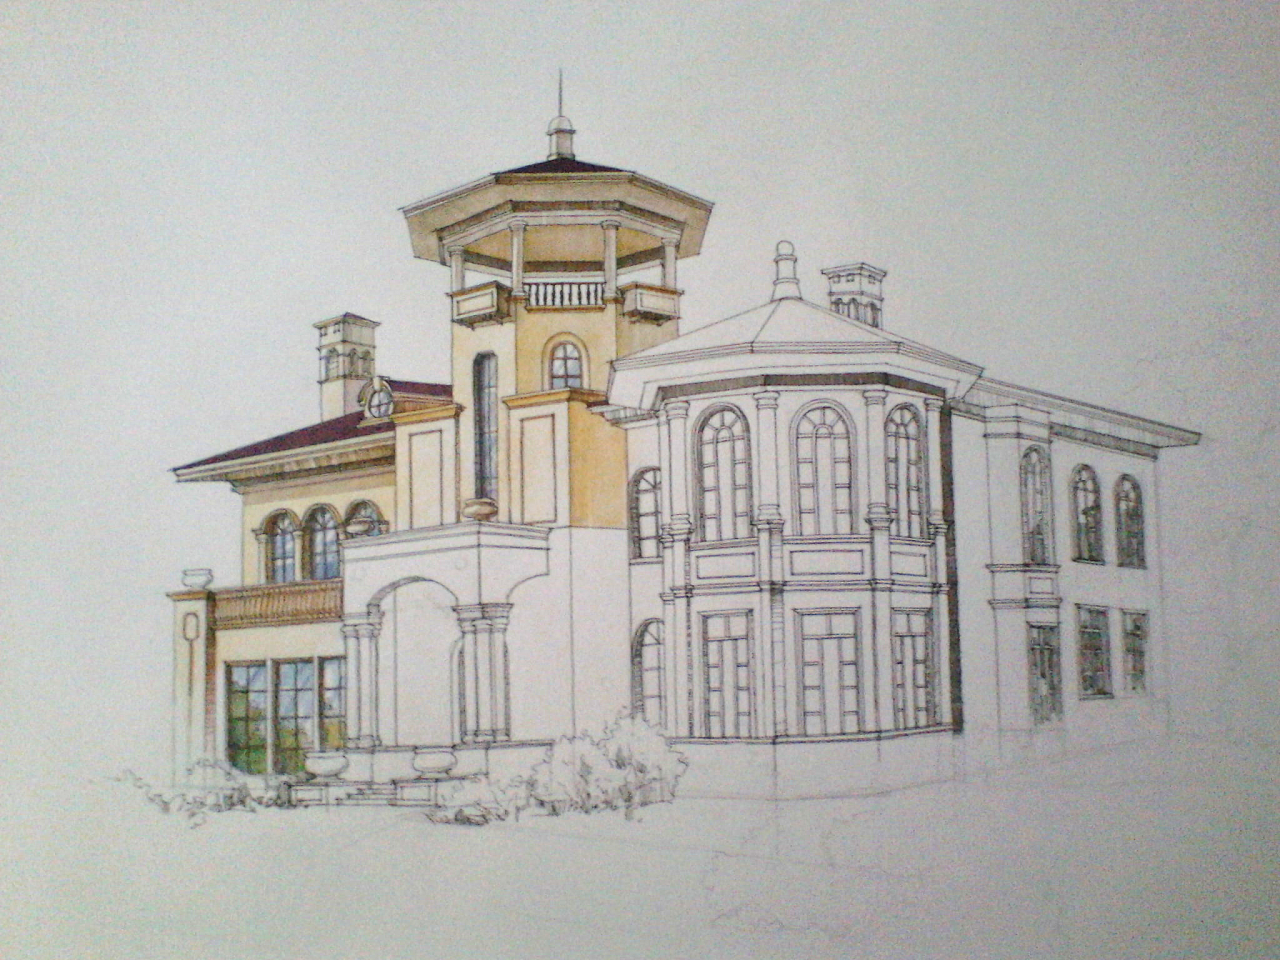 欧式风格别墅外观手绘效果图(上色步骤)